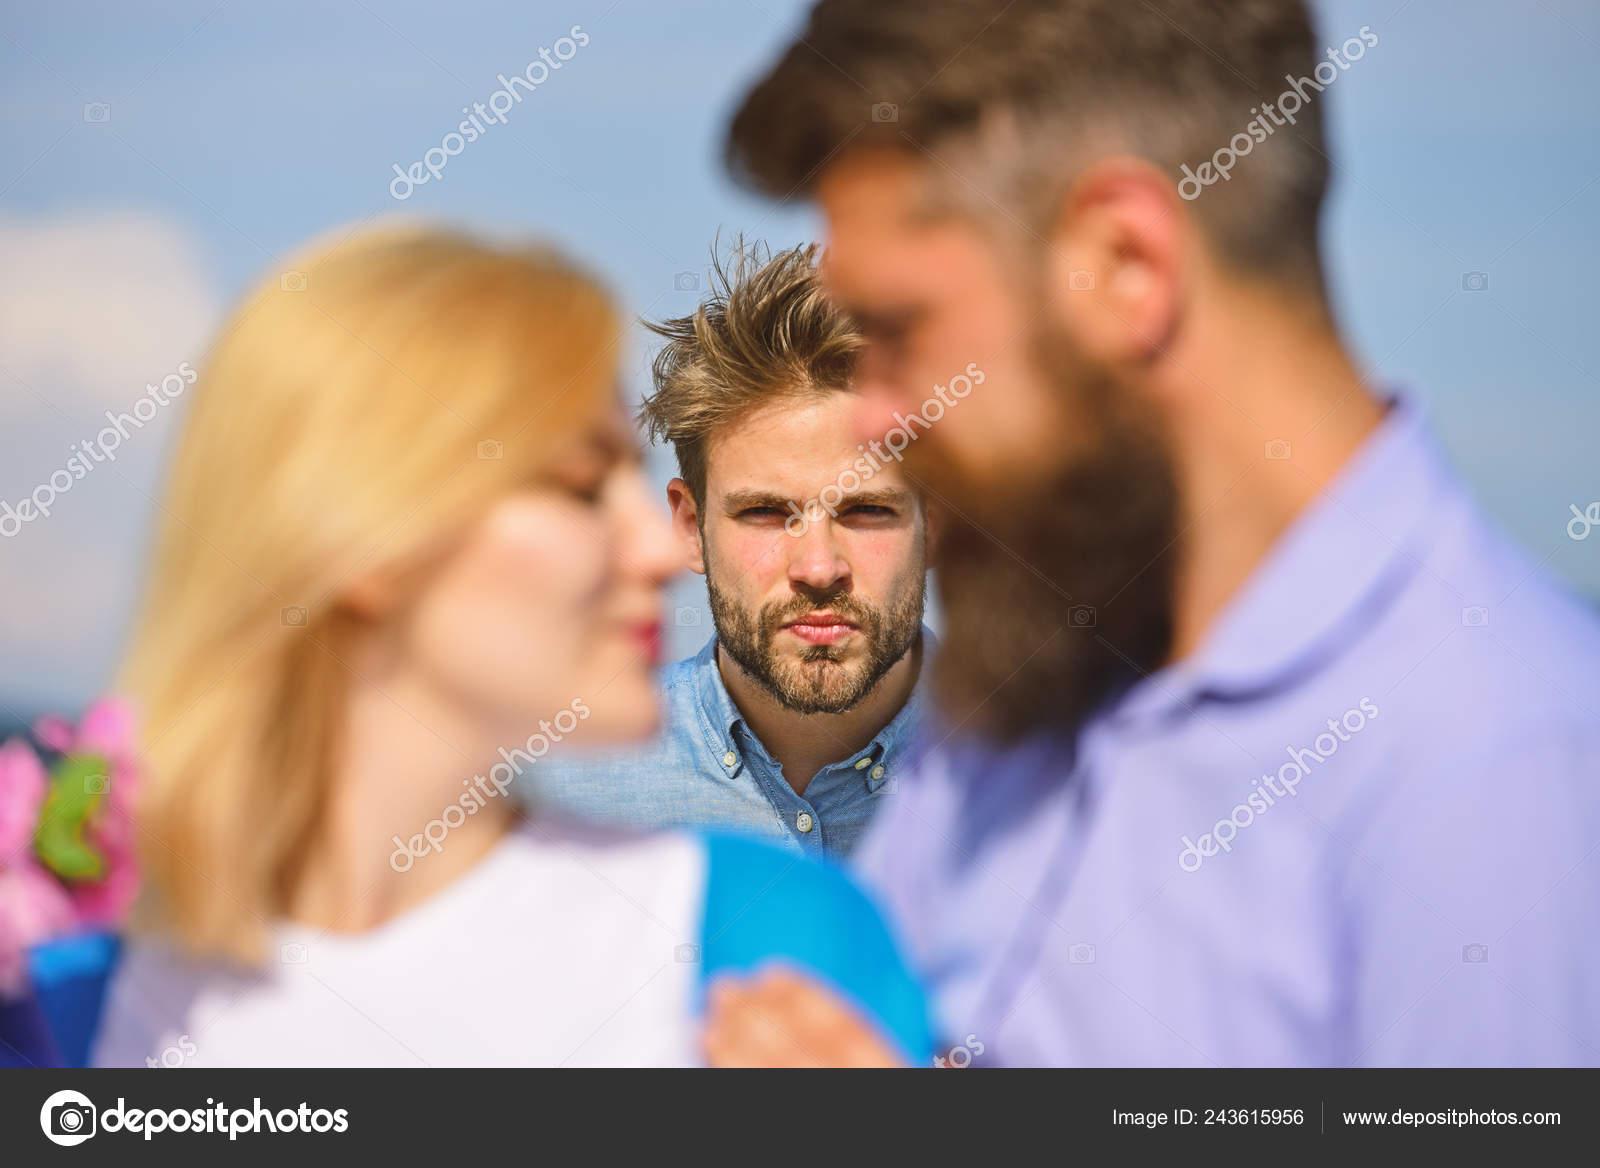 Gay maschio dating siti Web